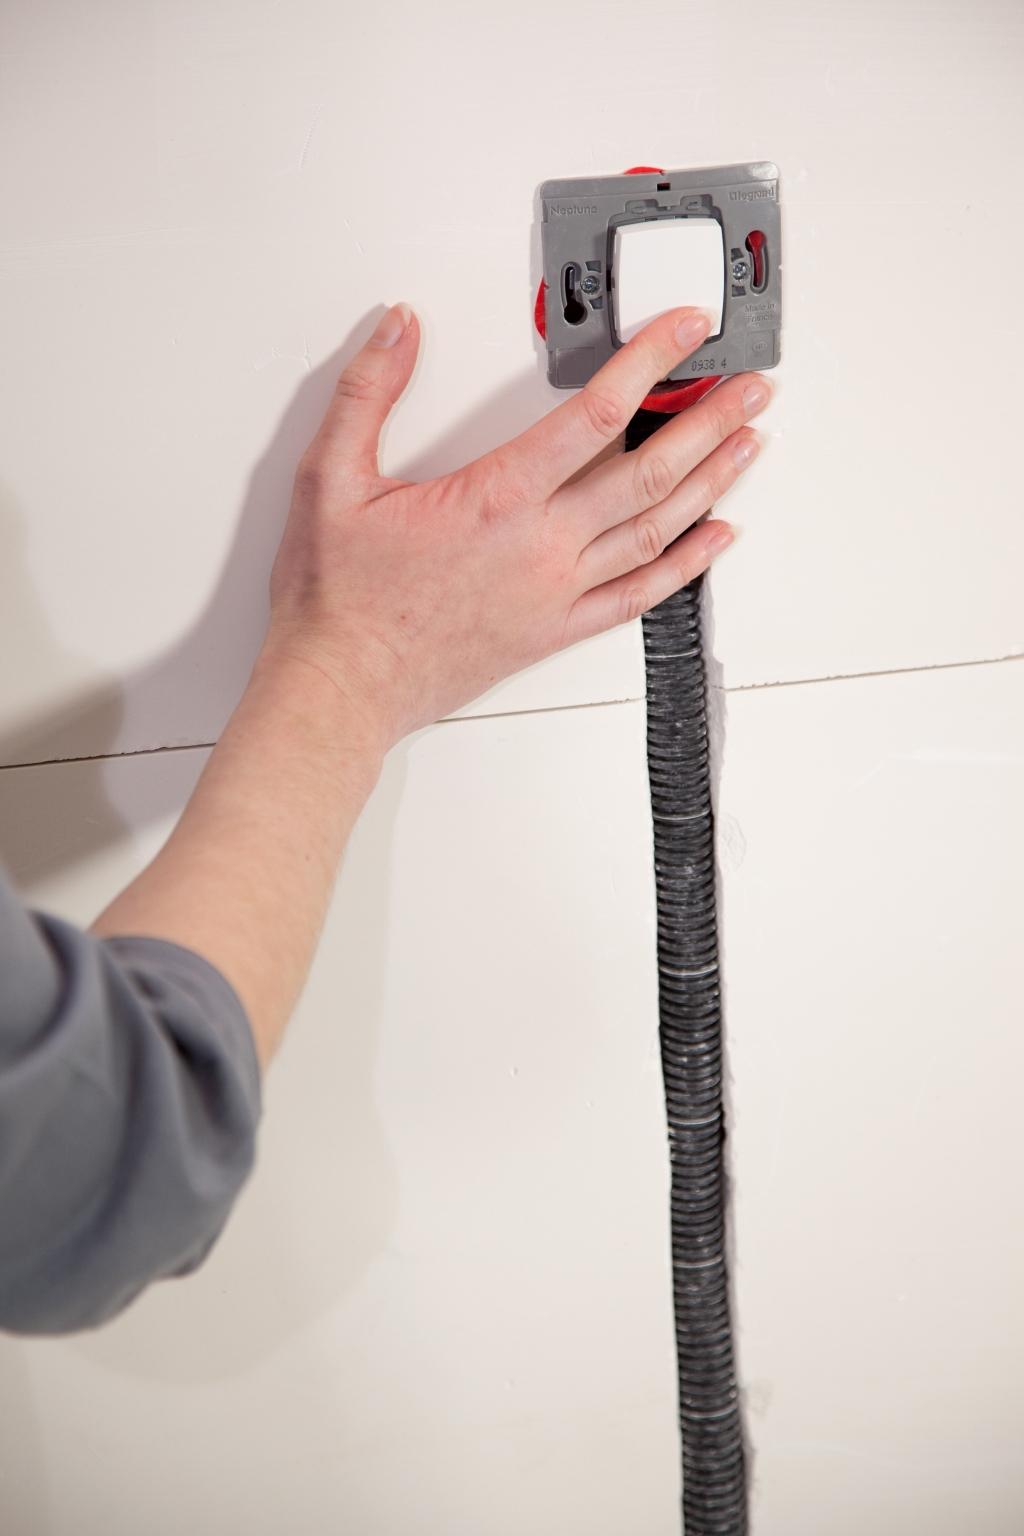 Installer un interrupteur encastré - Étape 20